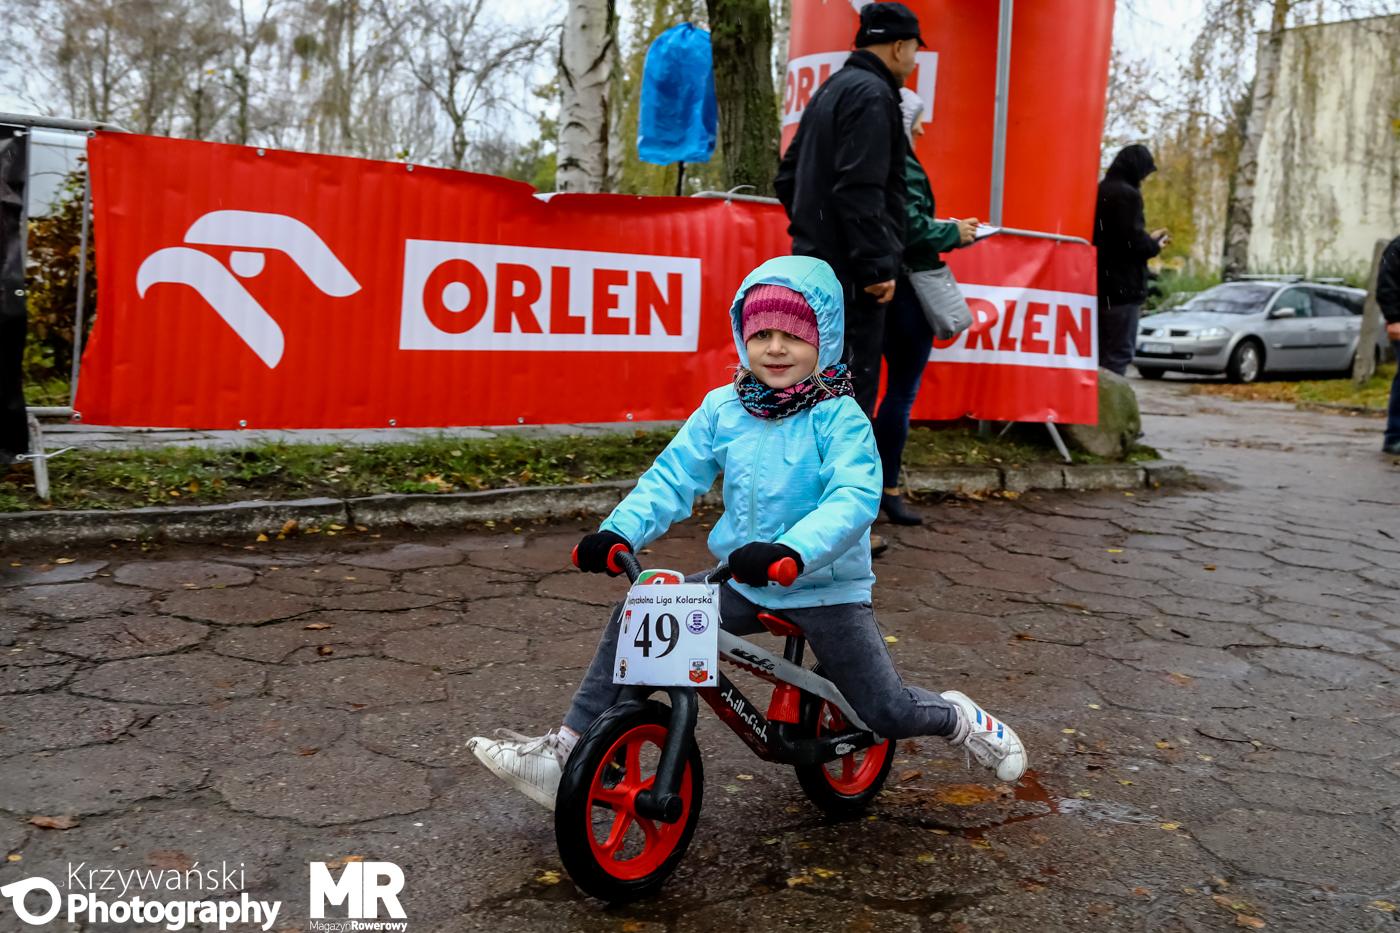 http://magazynrowerowy.pl/logmein/wp-content/uploads/2017/11/Orlen-PP-CX_IV-seria_Strzelce-Krajenskie-2017_0017.jpg